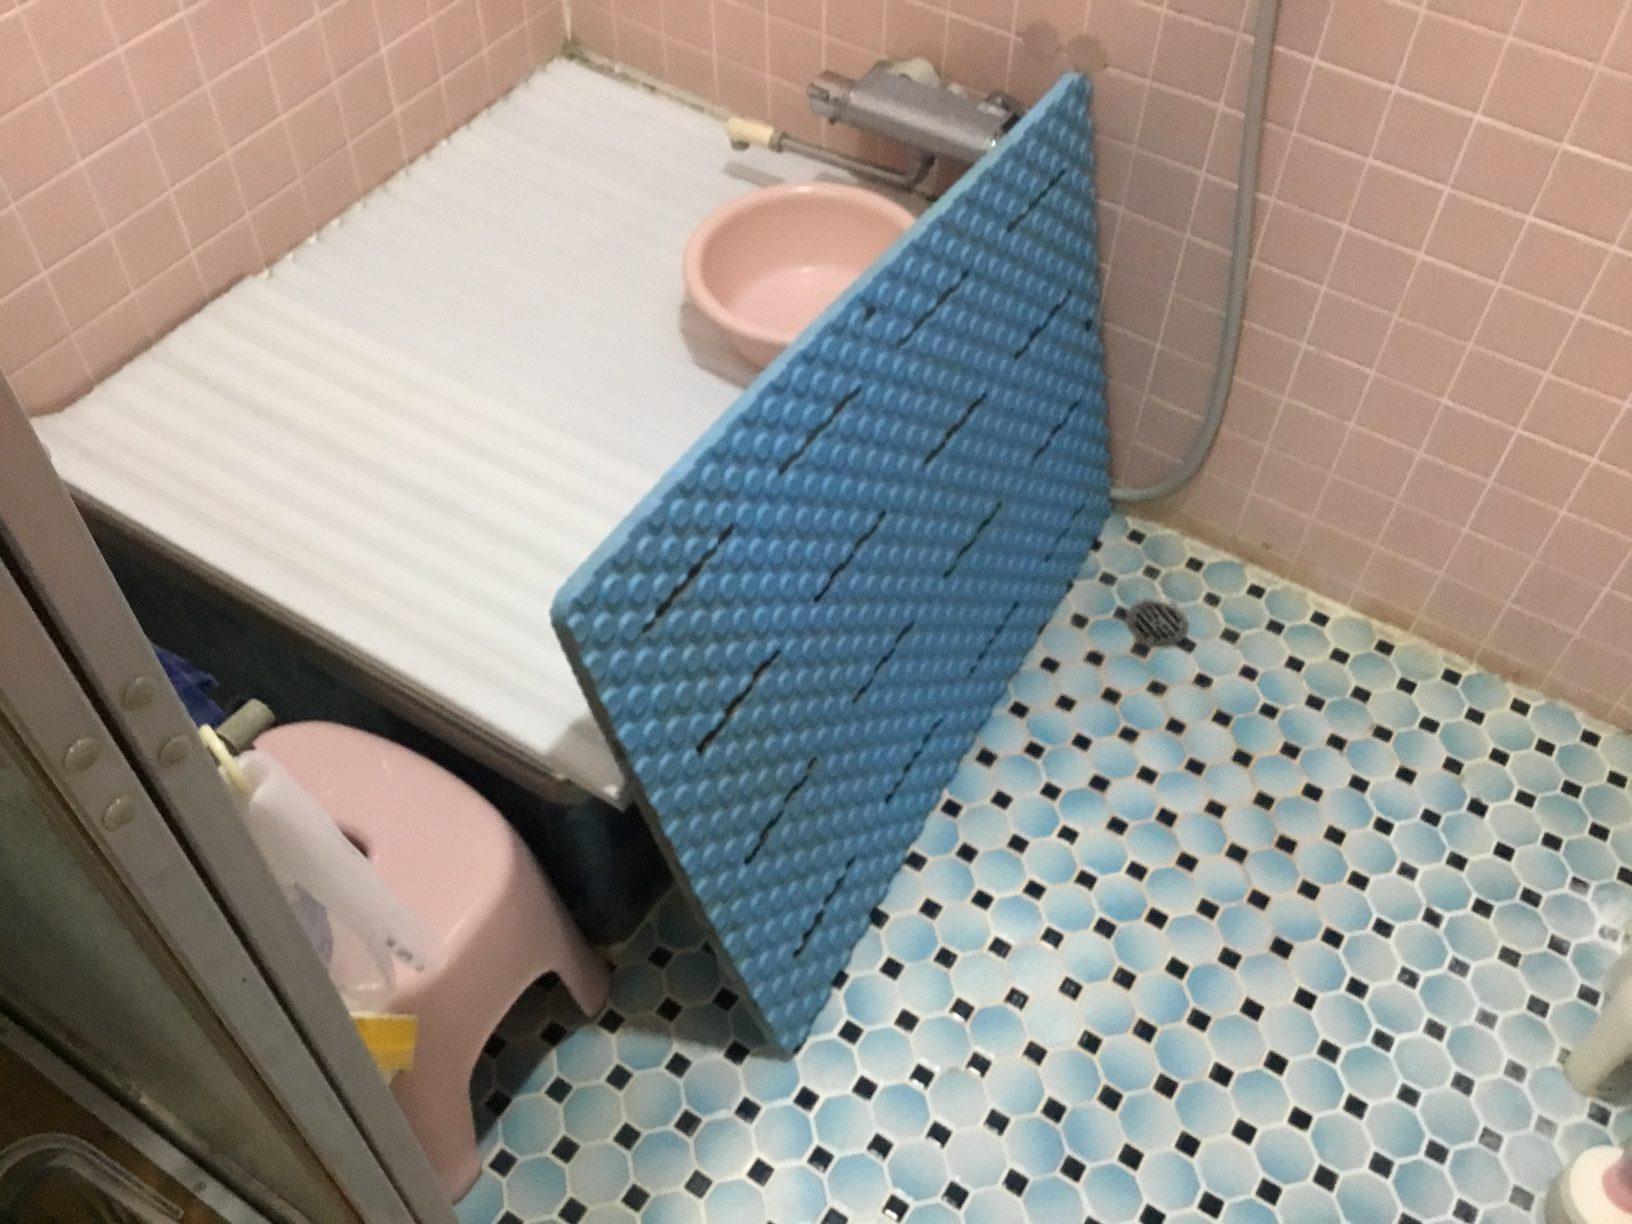 福岡トーヨー 大牟田店のシステムバスルームの施工前の写真1